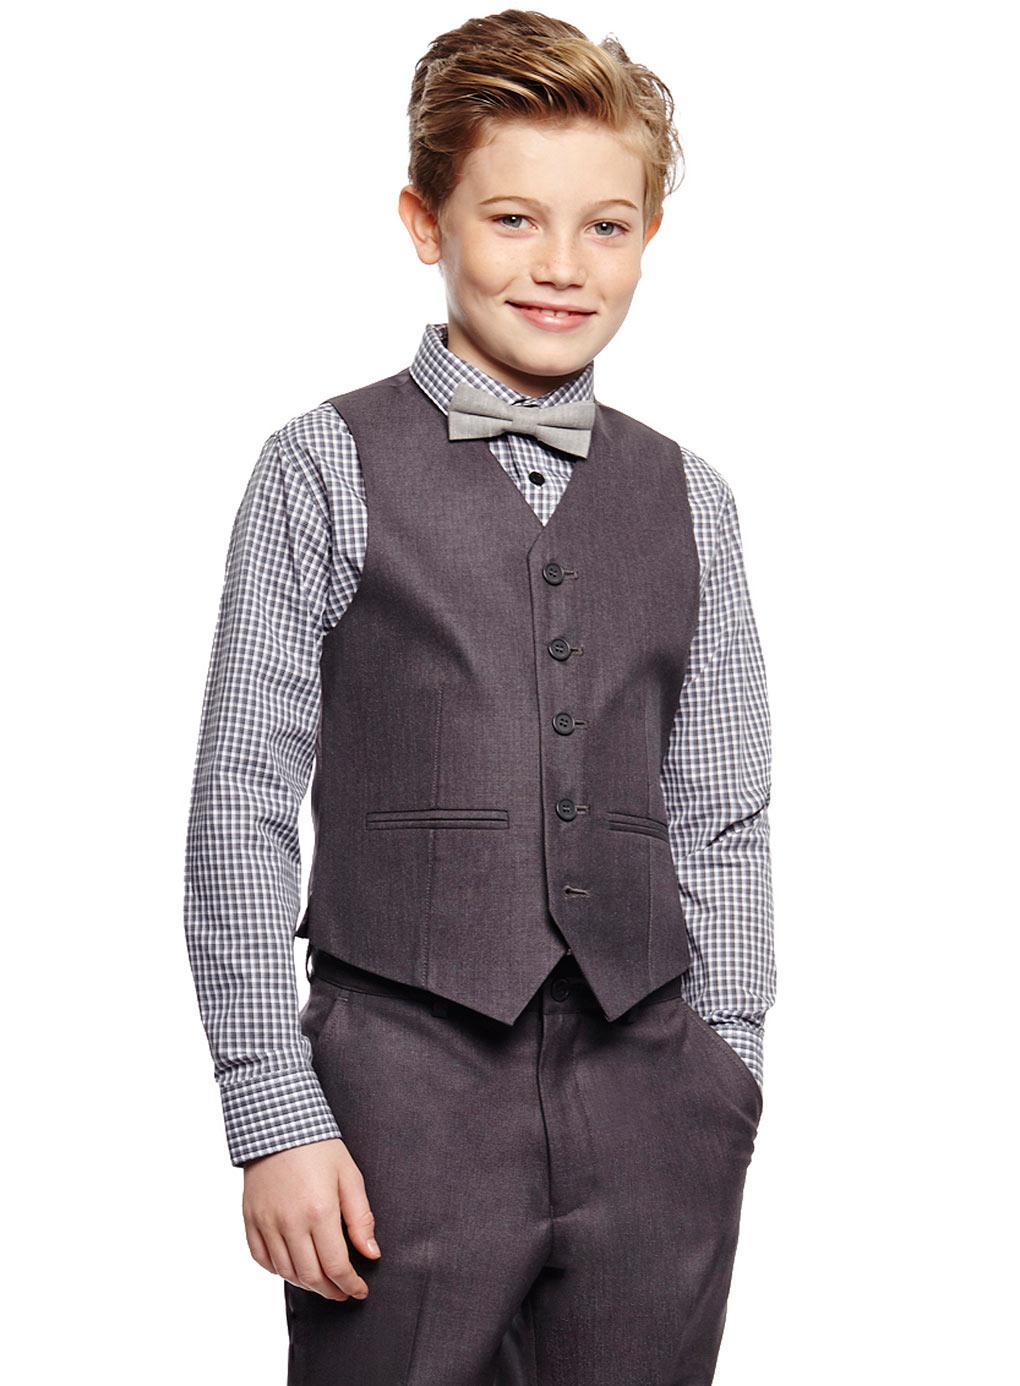 Школьный костюм для мальчика 7-14 лет: пиджак, жилет, рубашка, брюки 102